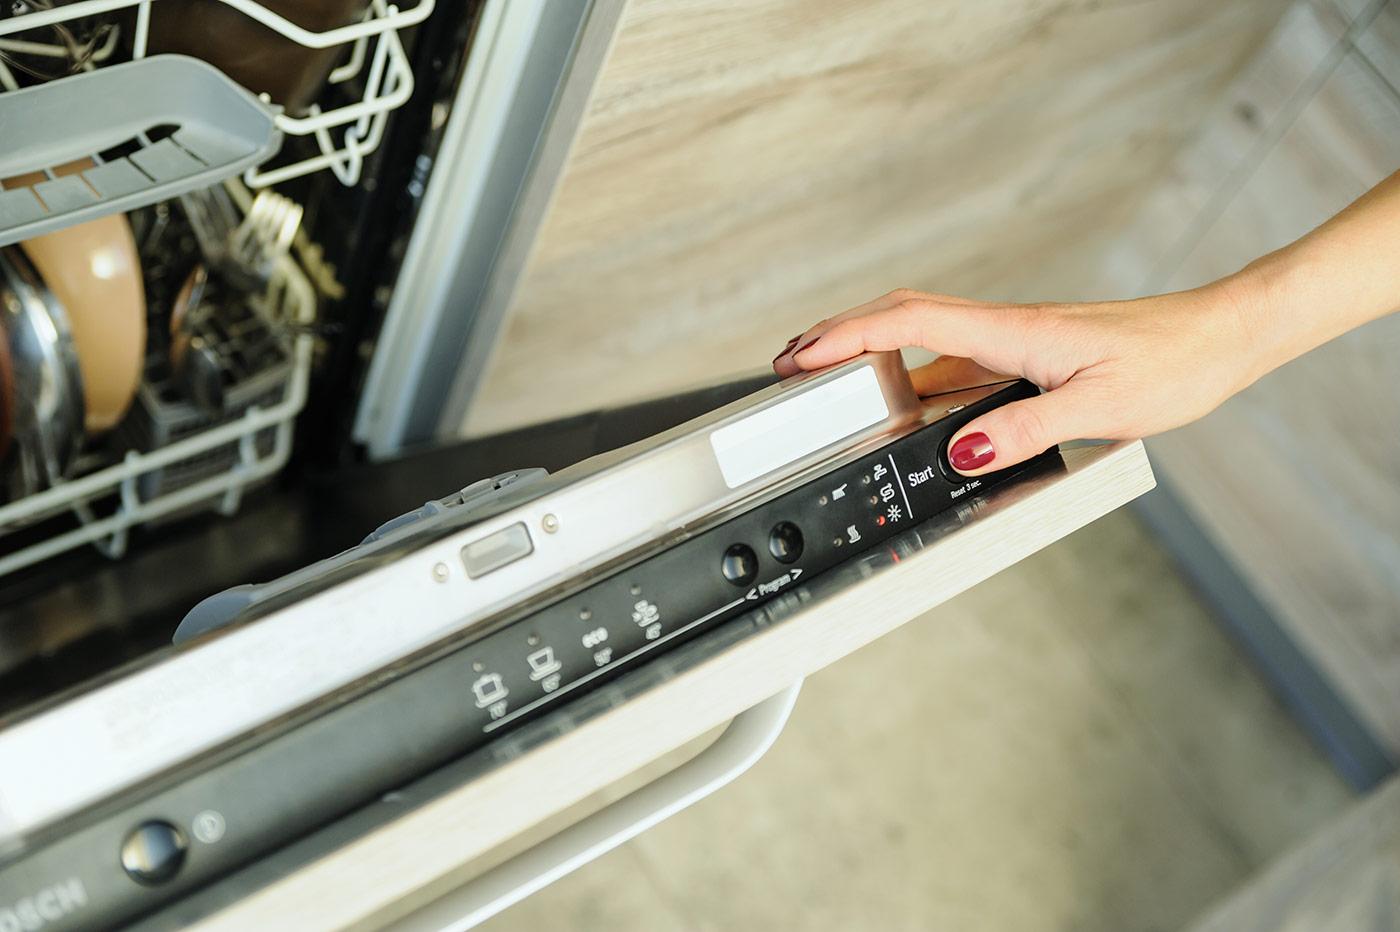 Elettrodomestici per cucine monoblocco